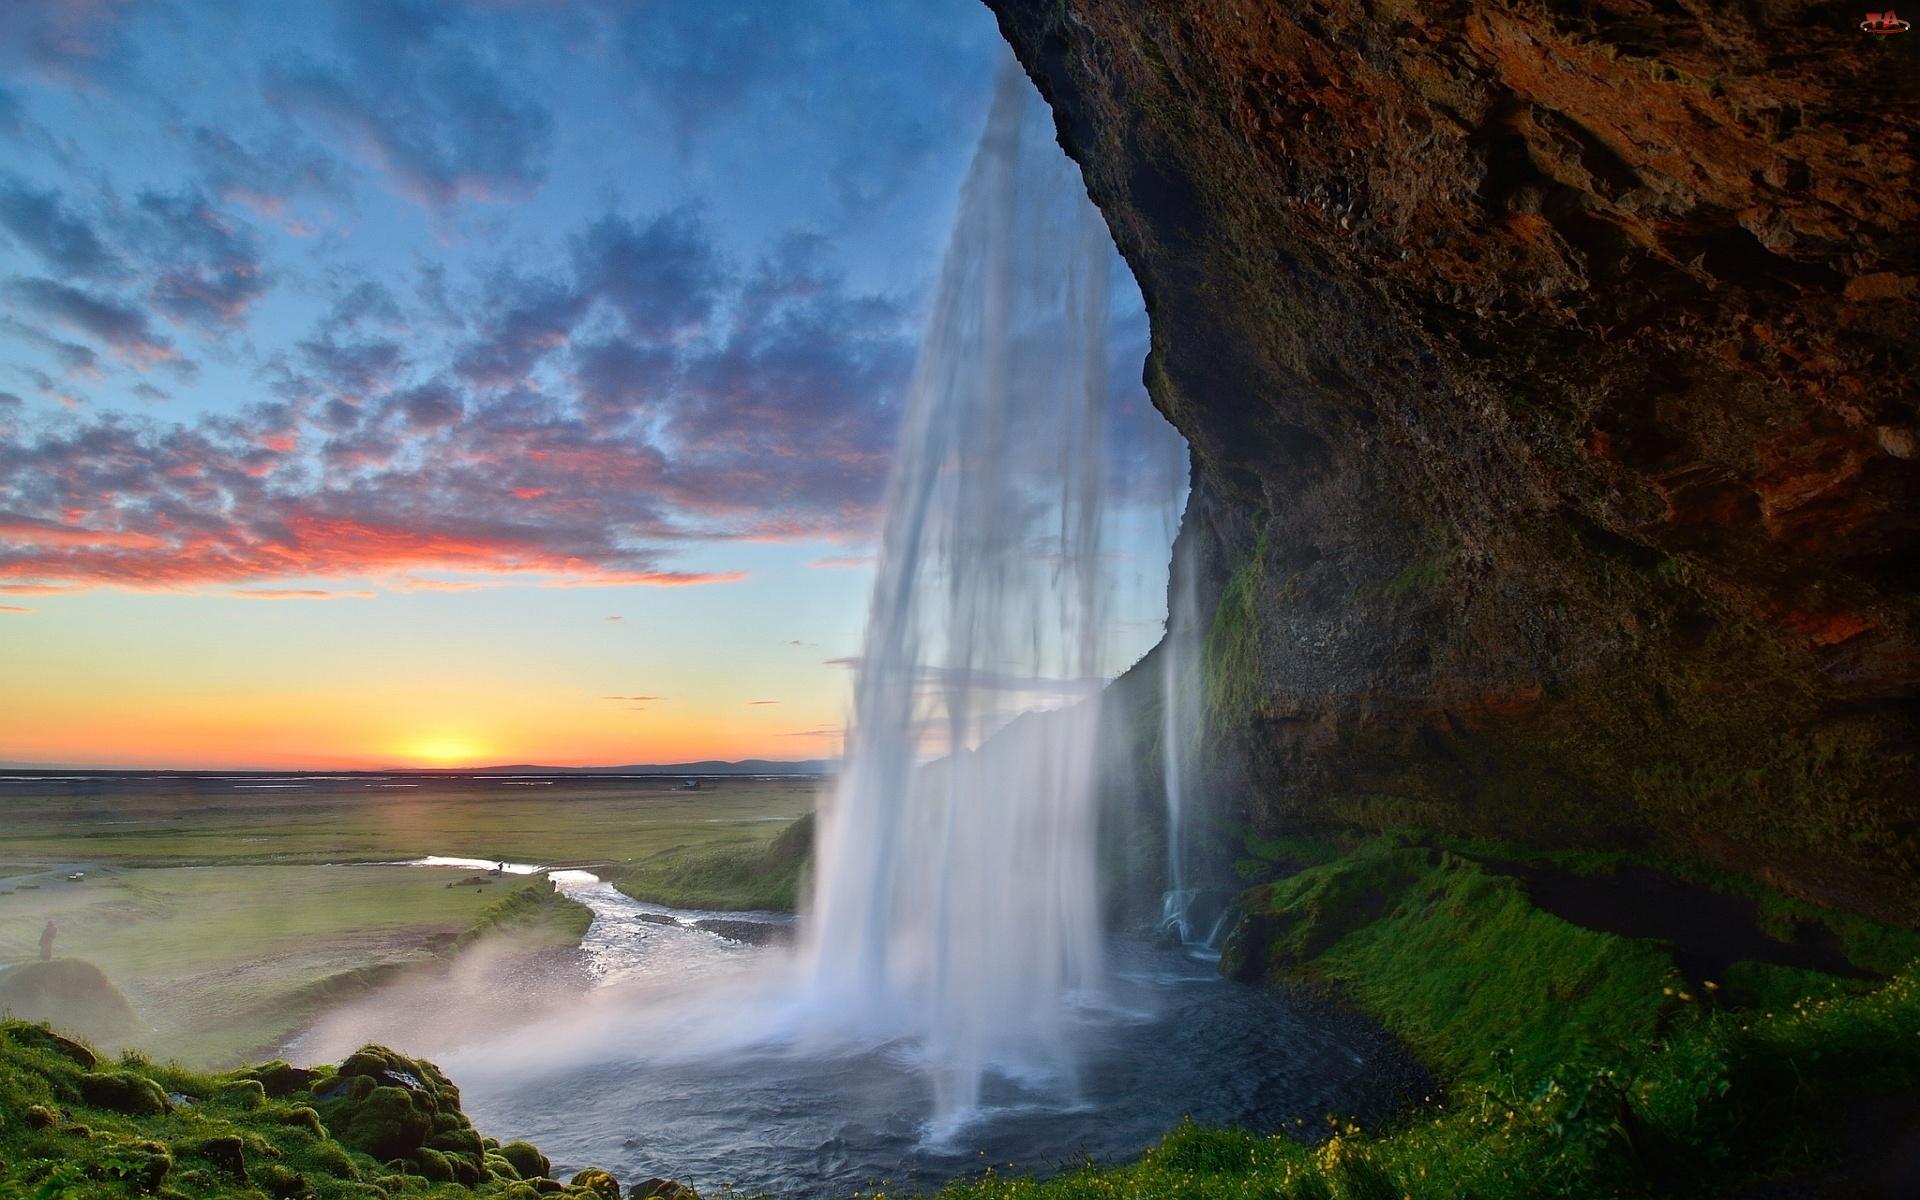 Islandia, Słońca, Wodospad, Zachód